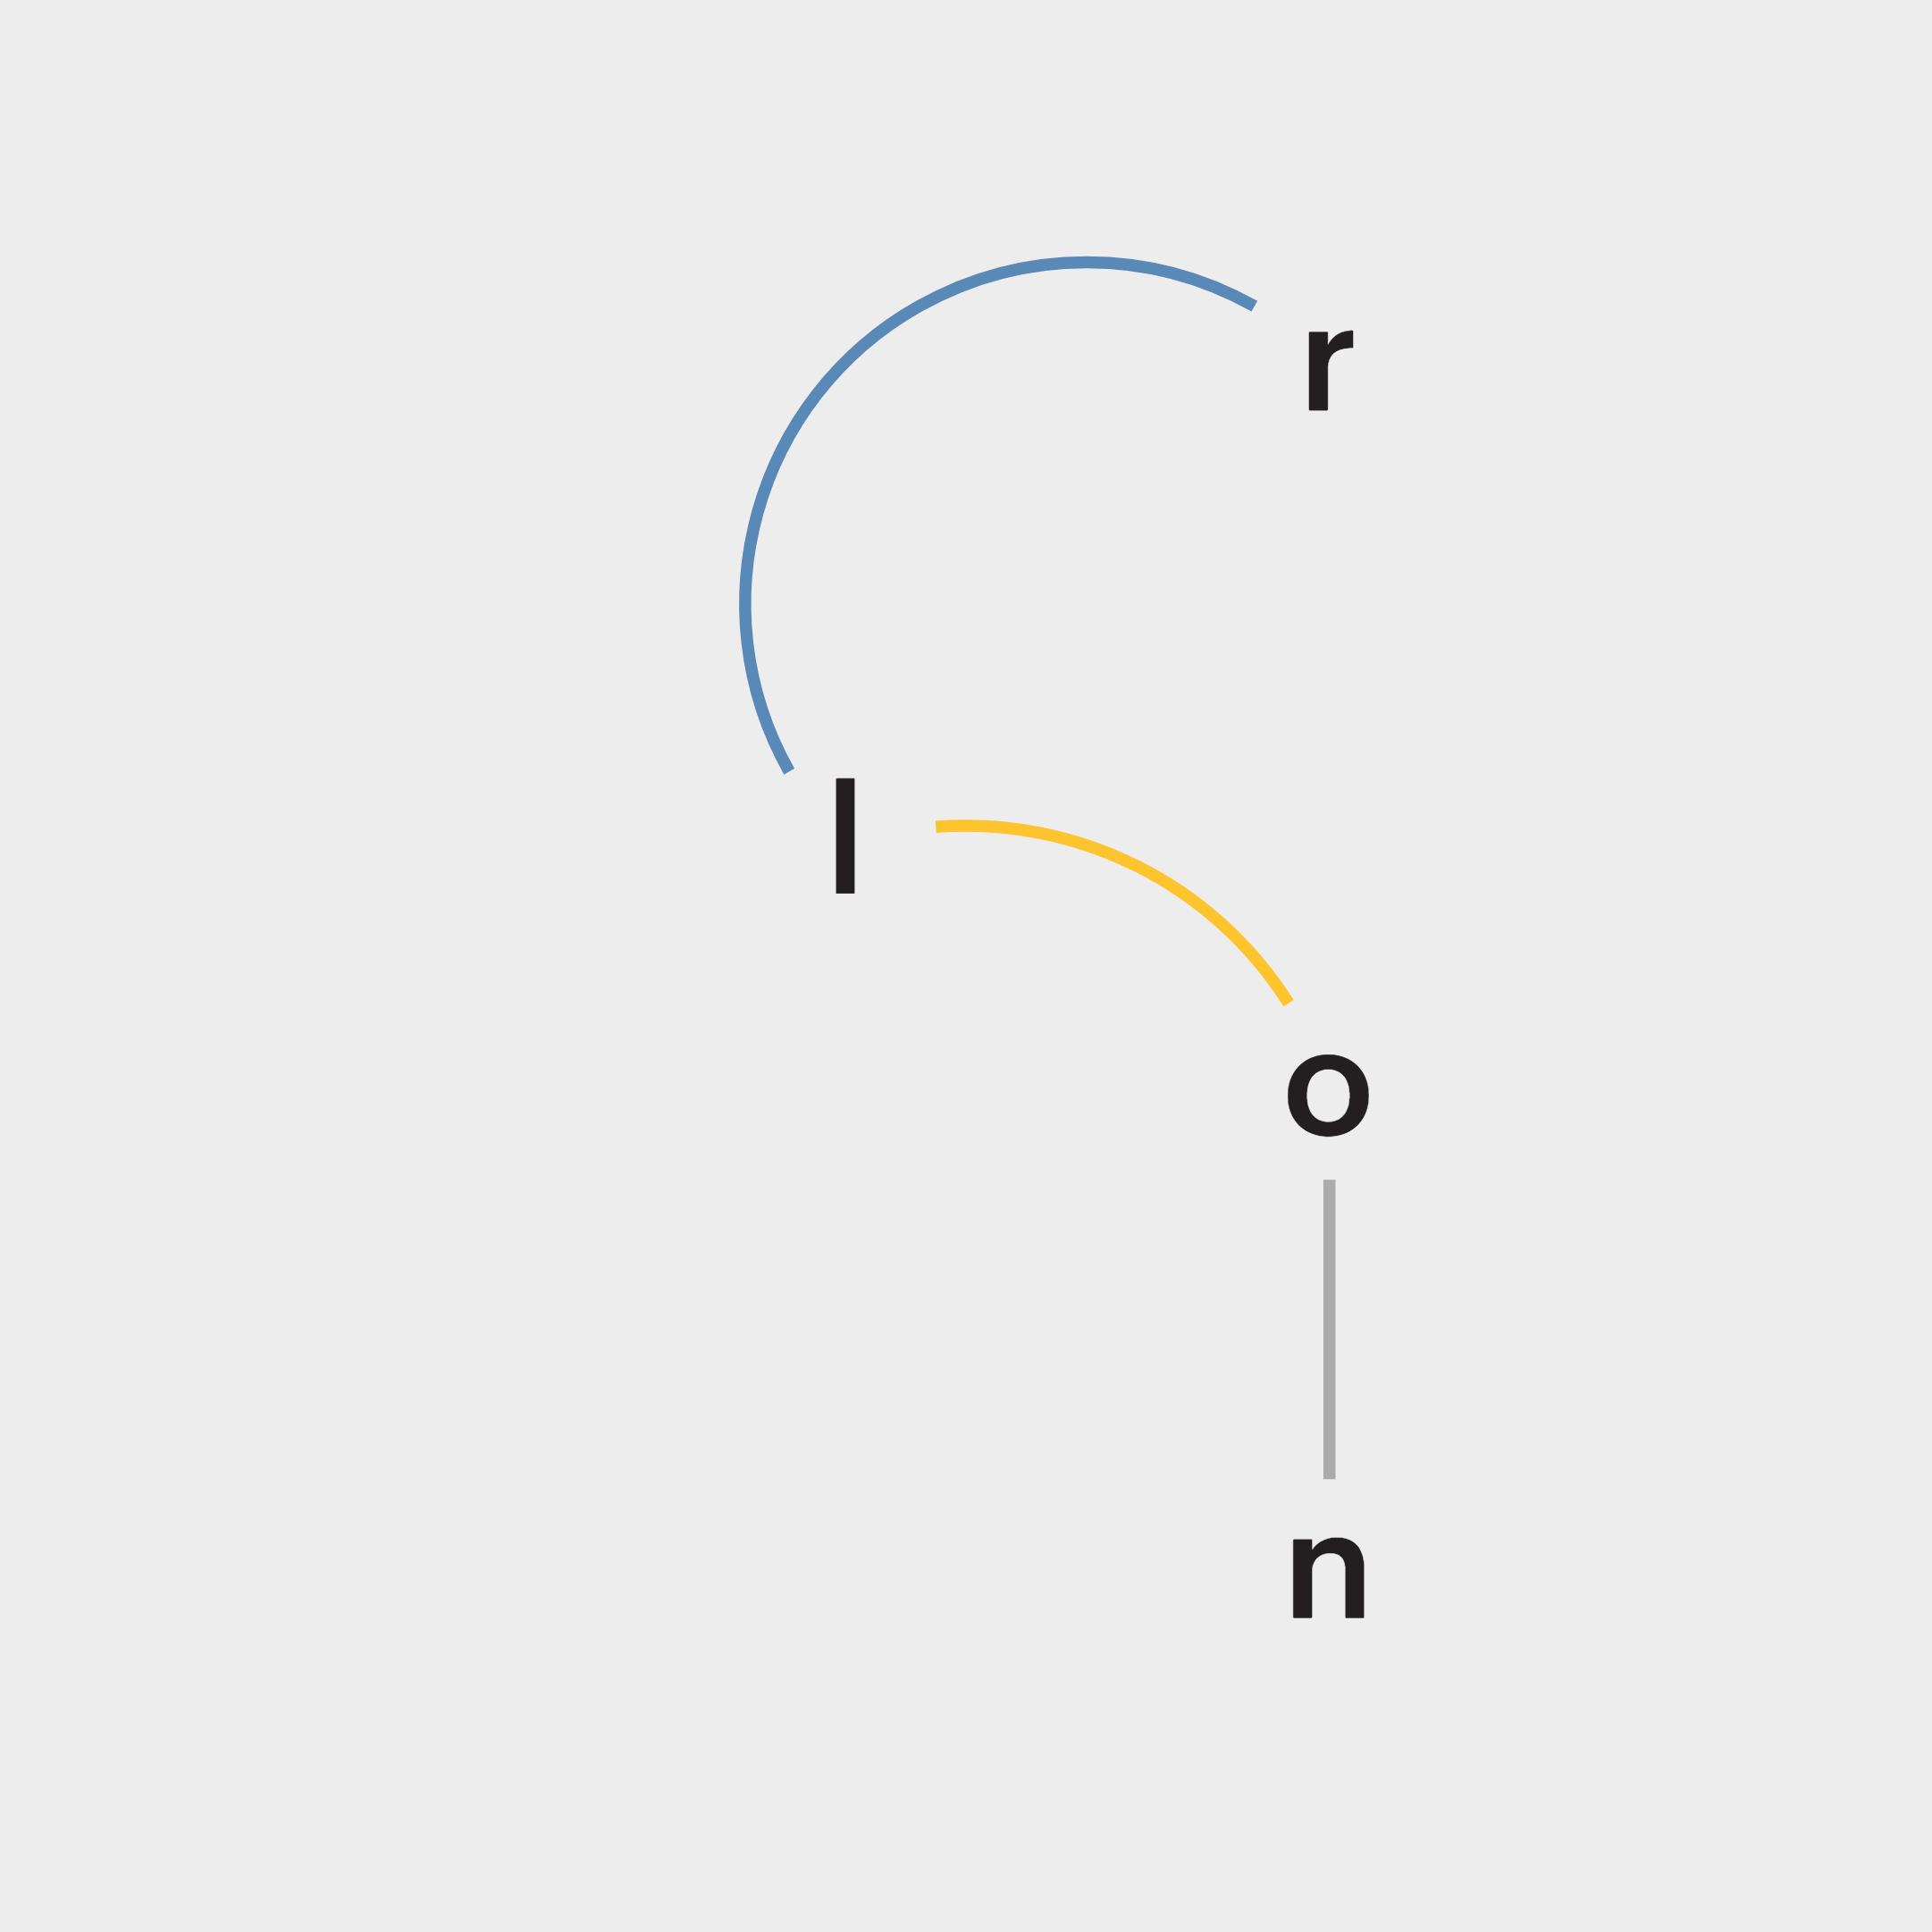 rlon_logo_124112.png